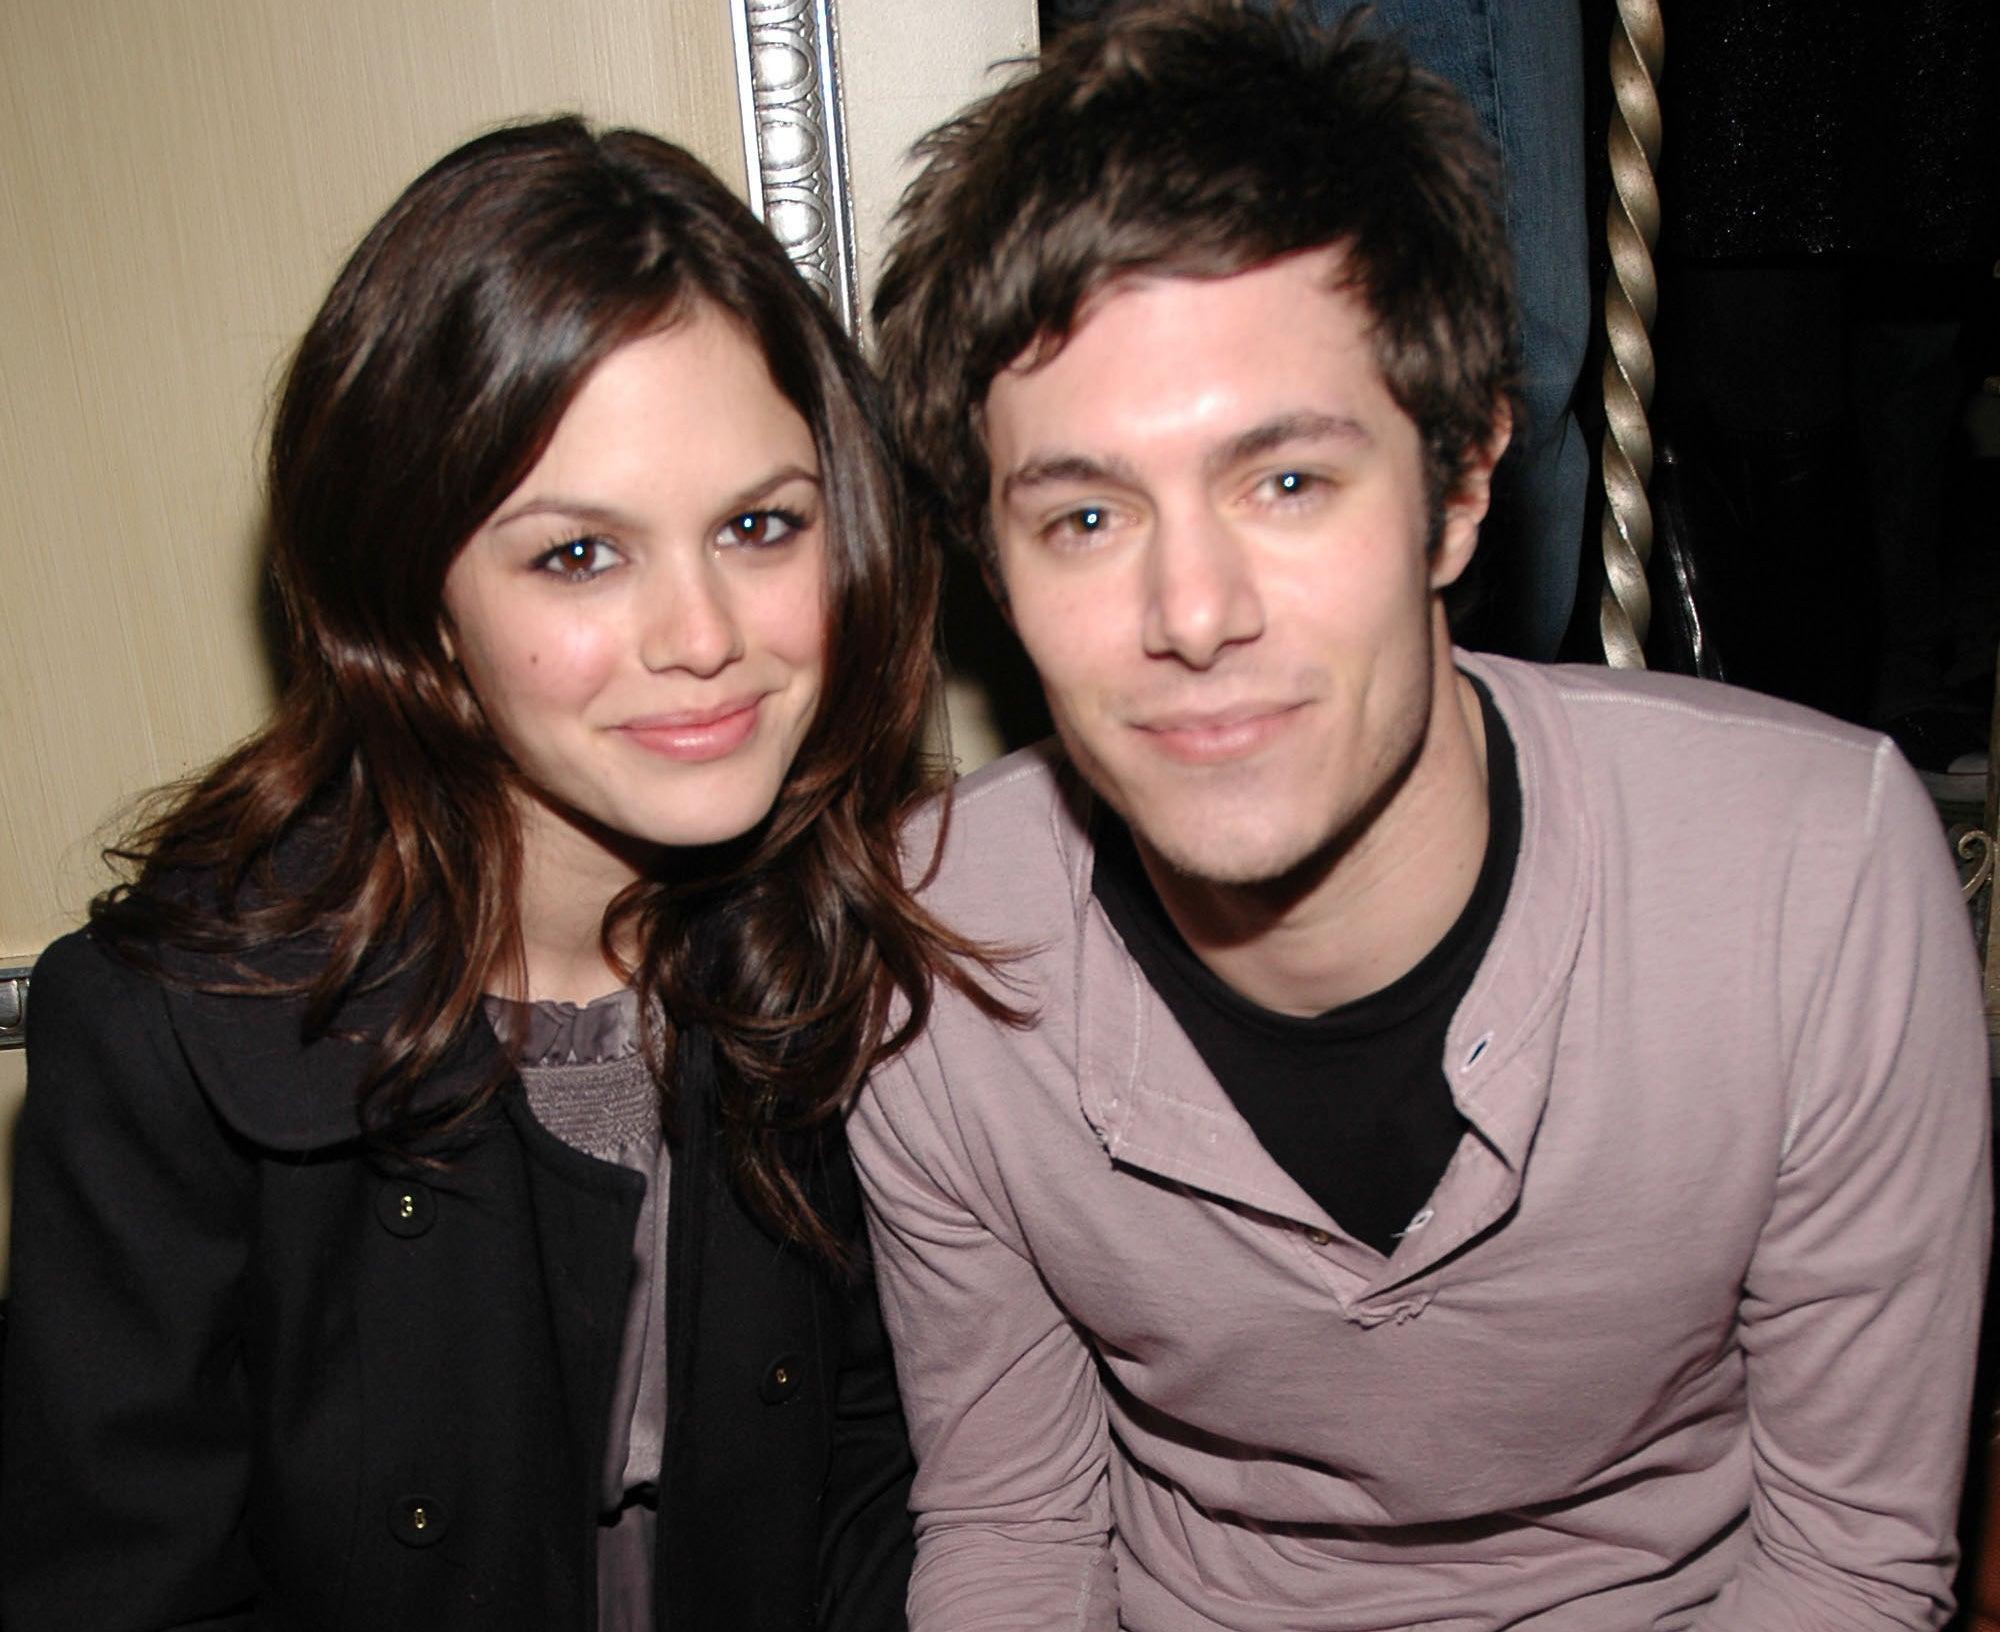 Rachel and Adam look happy together